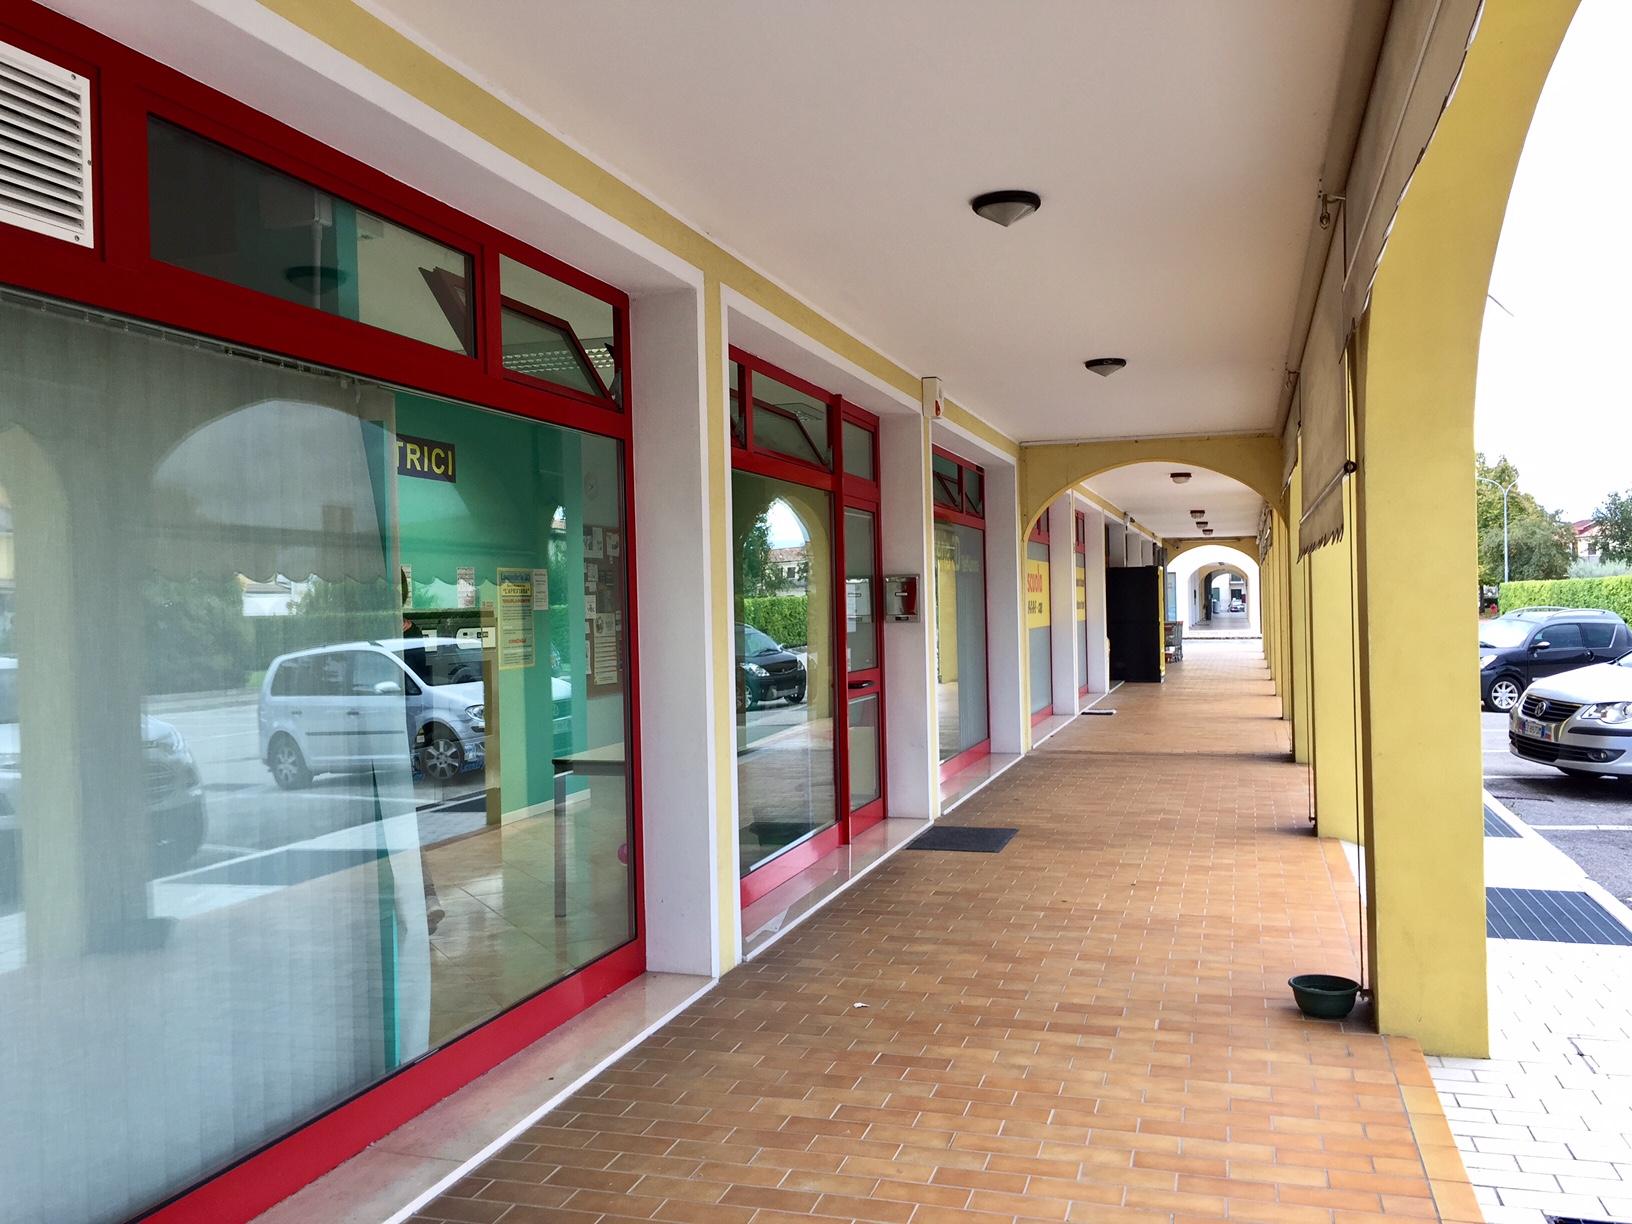 Negozio / Locale in vendita a Roncade, 9999 locali, zona Zona: Biancade, prezzo € 138.000 | Cambio Casa.it